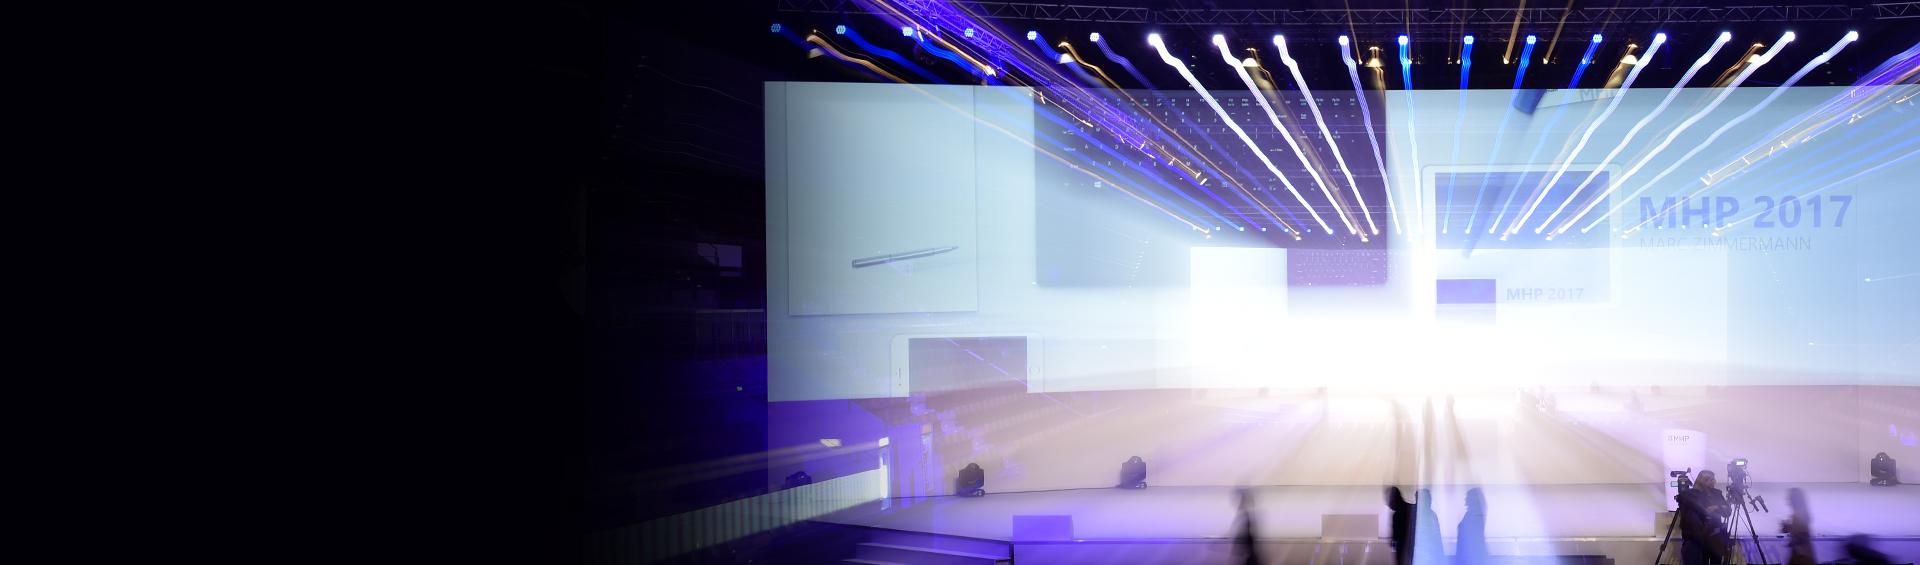 Lichttechnik, Lichtkonzepte, Events, Scheinwerfer